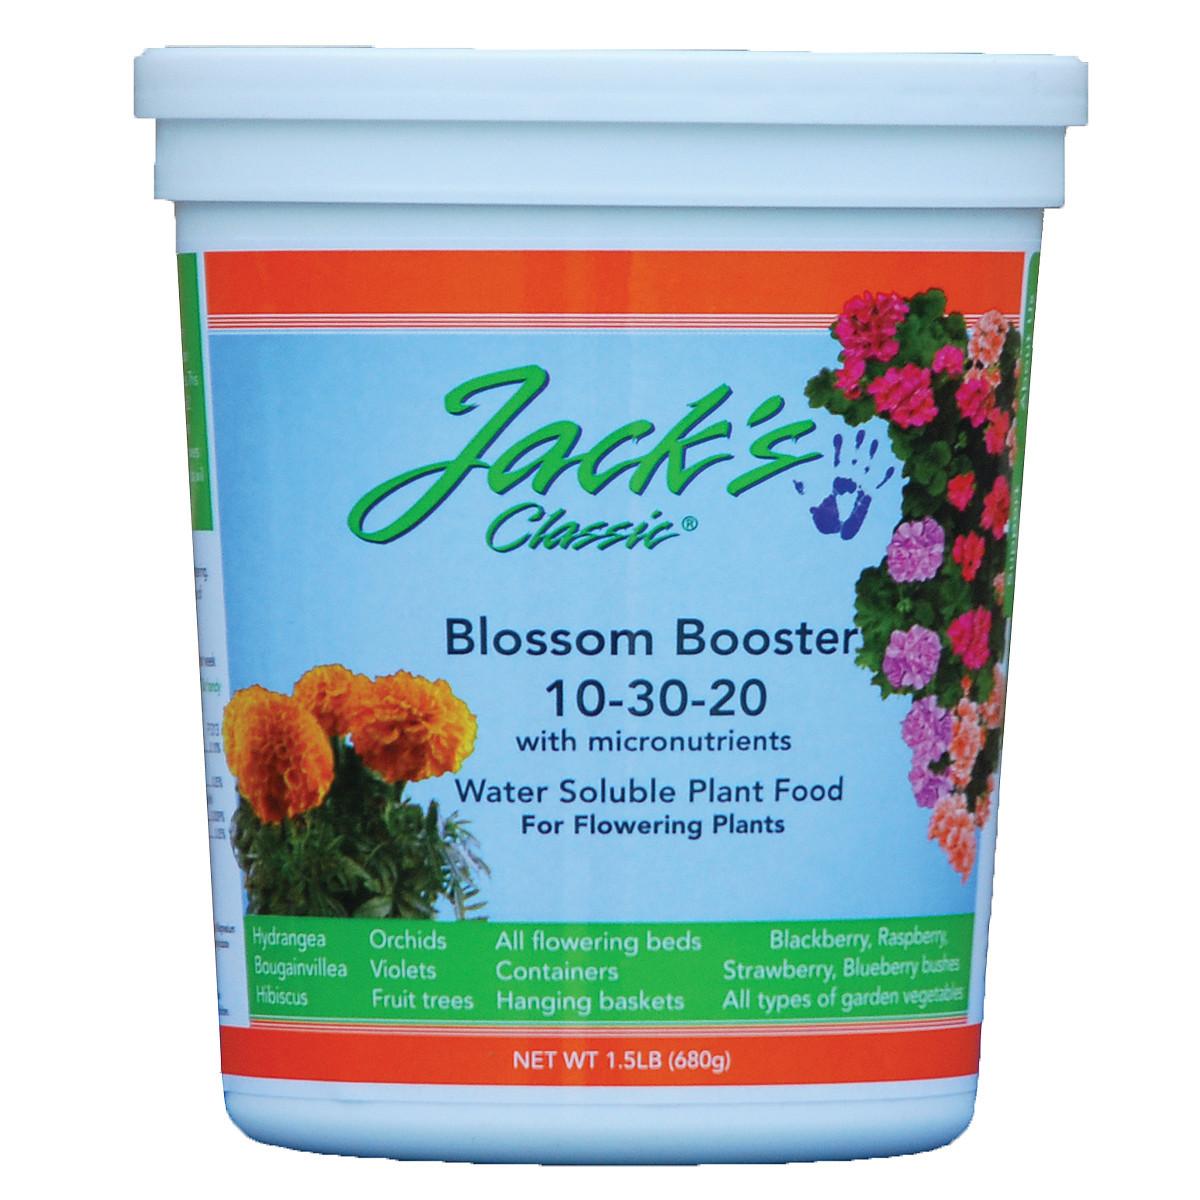 Jacks-Classic-1.5lb-44134-Blossom-Booster-Fertilizer